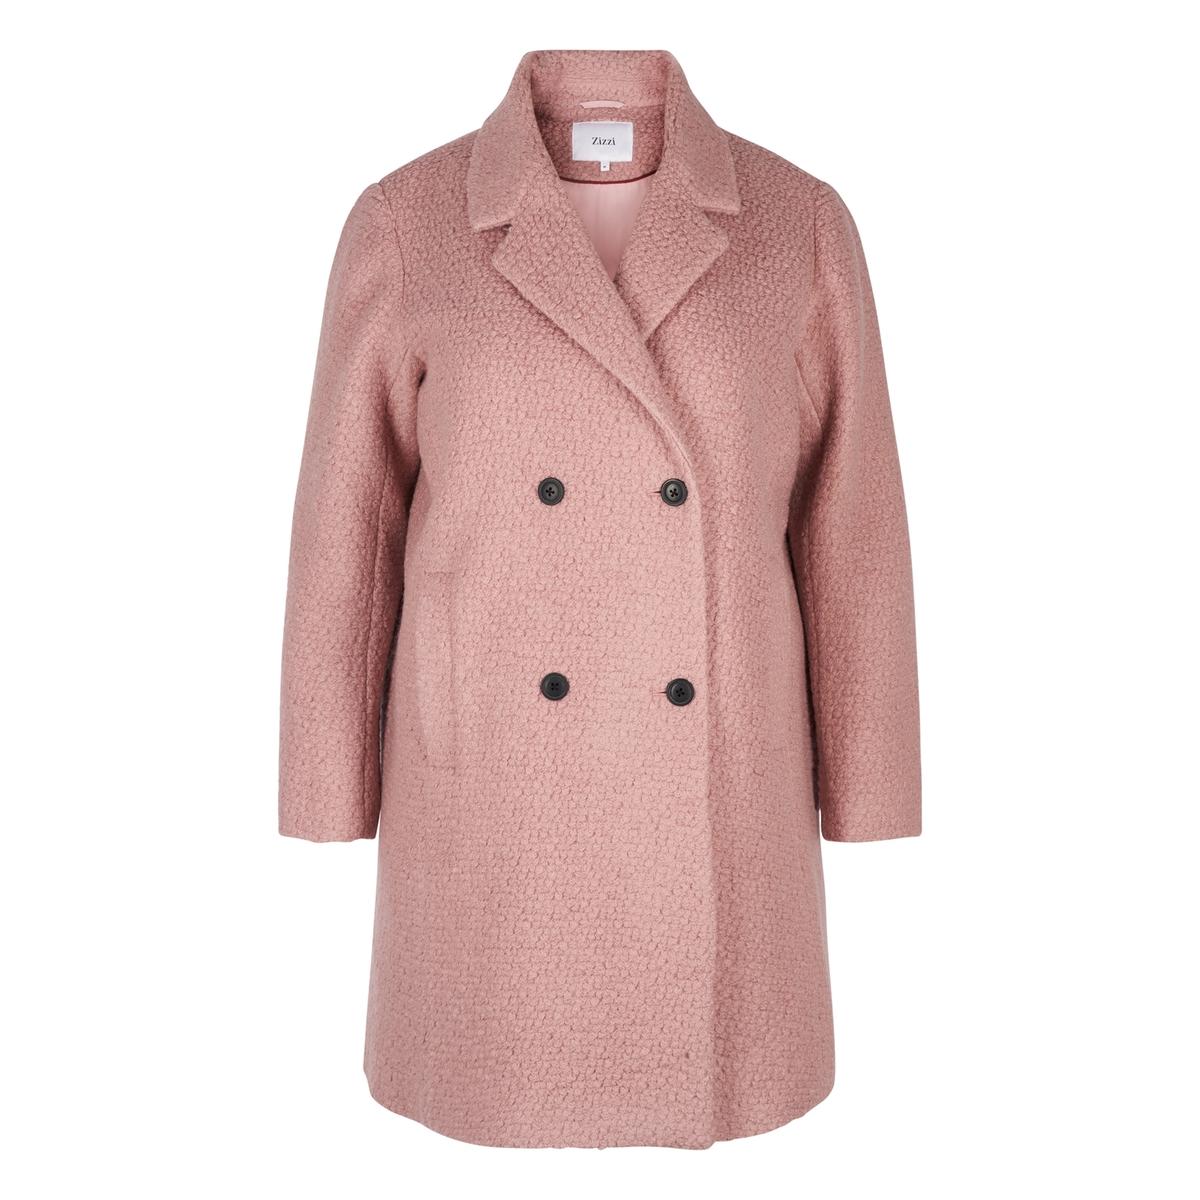 Пальто с двубортной застежкой на пуговицы из полушерстяной ткани